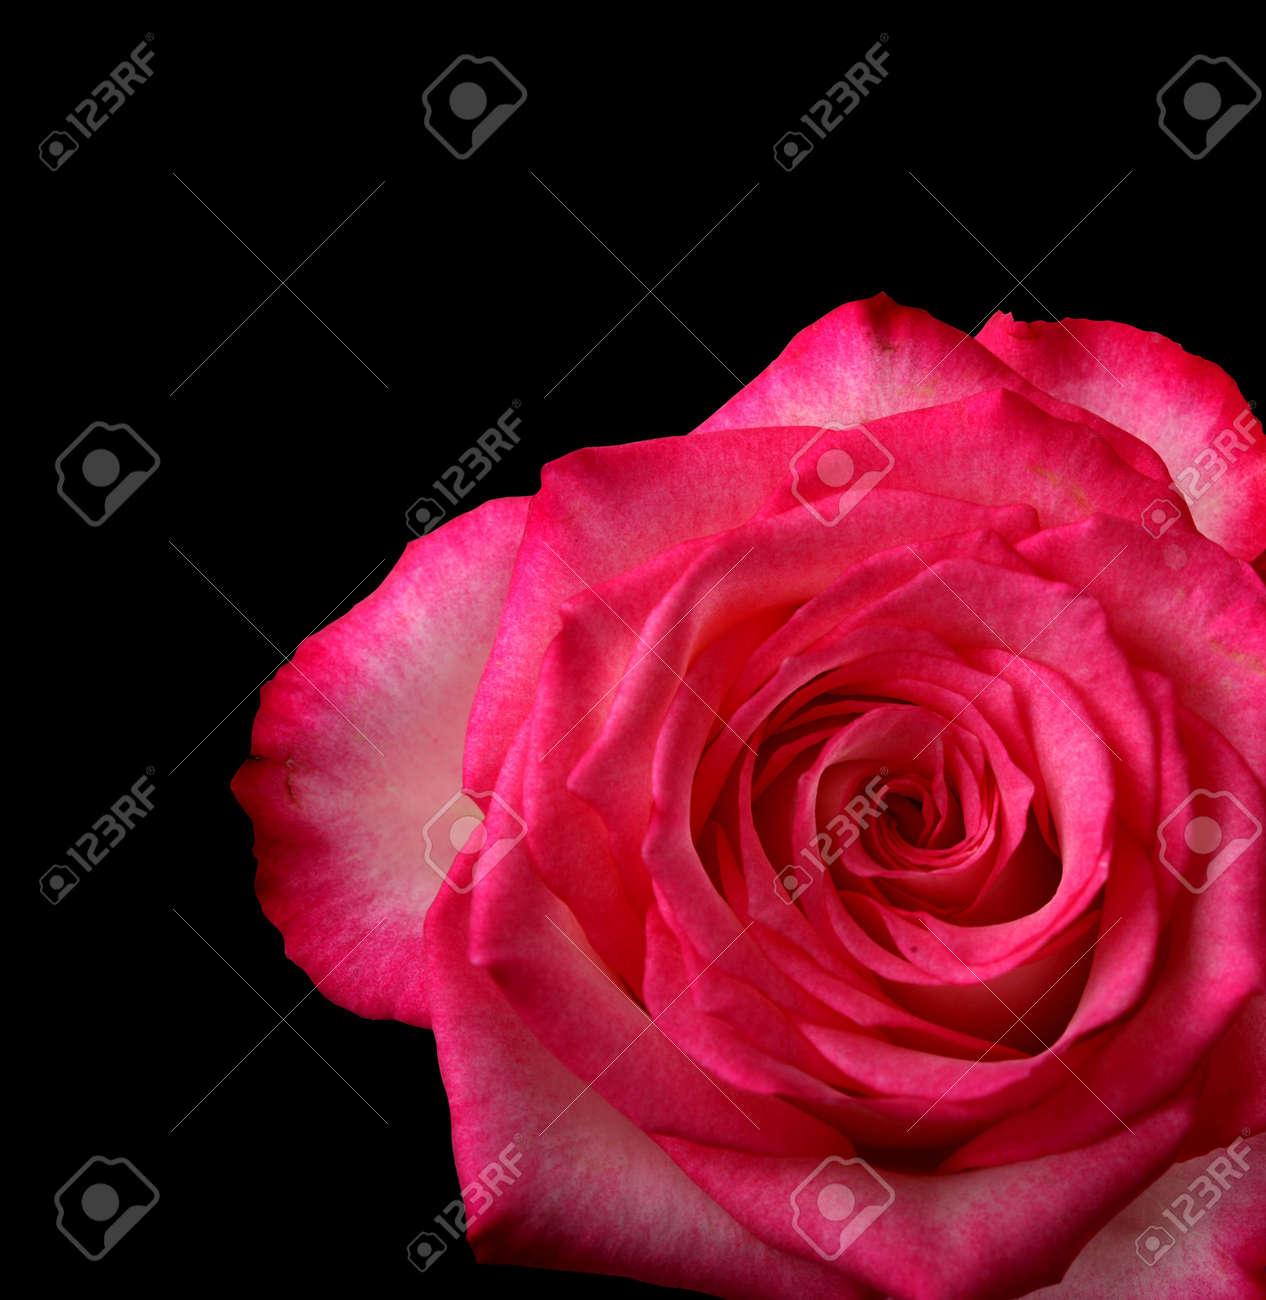 Immagini Stock Rosa Rossa Su Sfondo Nero Image 6260493